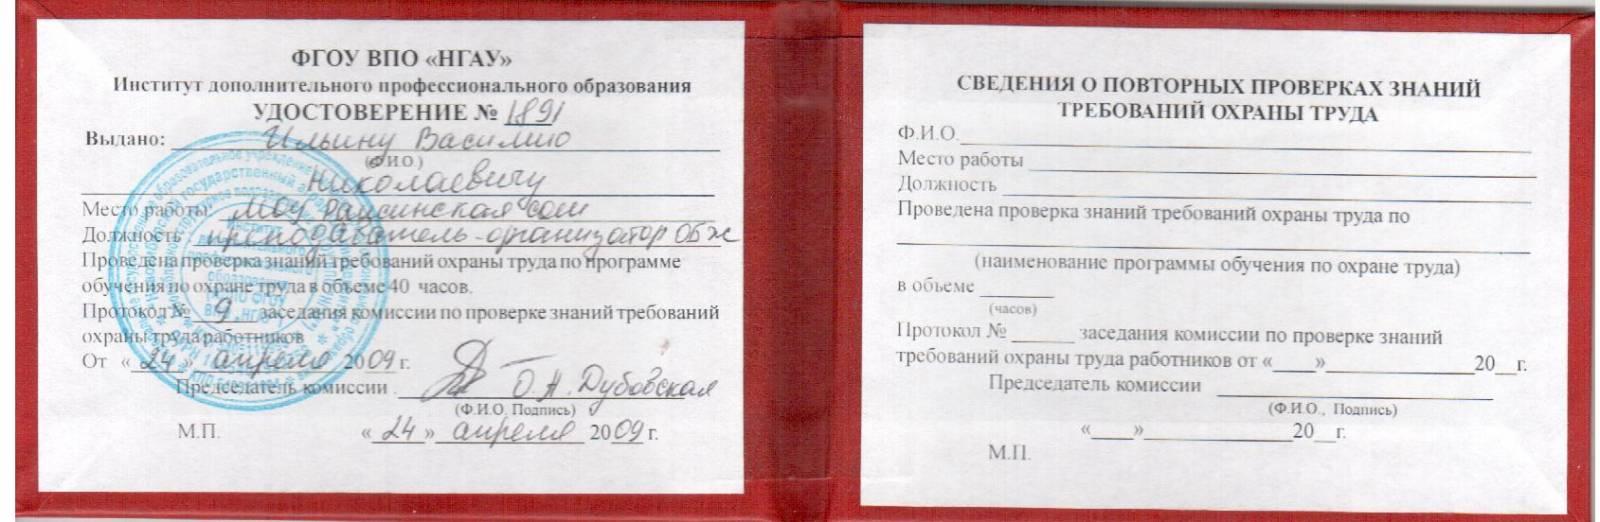 Гражданско -правовой договор с иностранным гражданином - образец